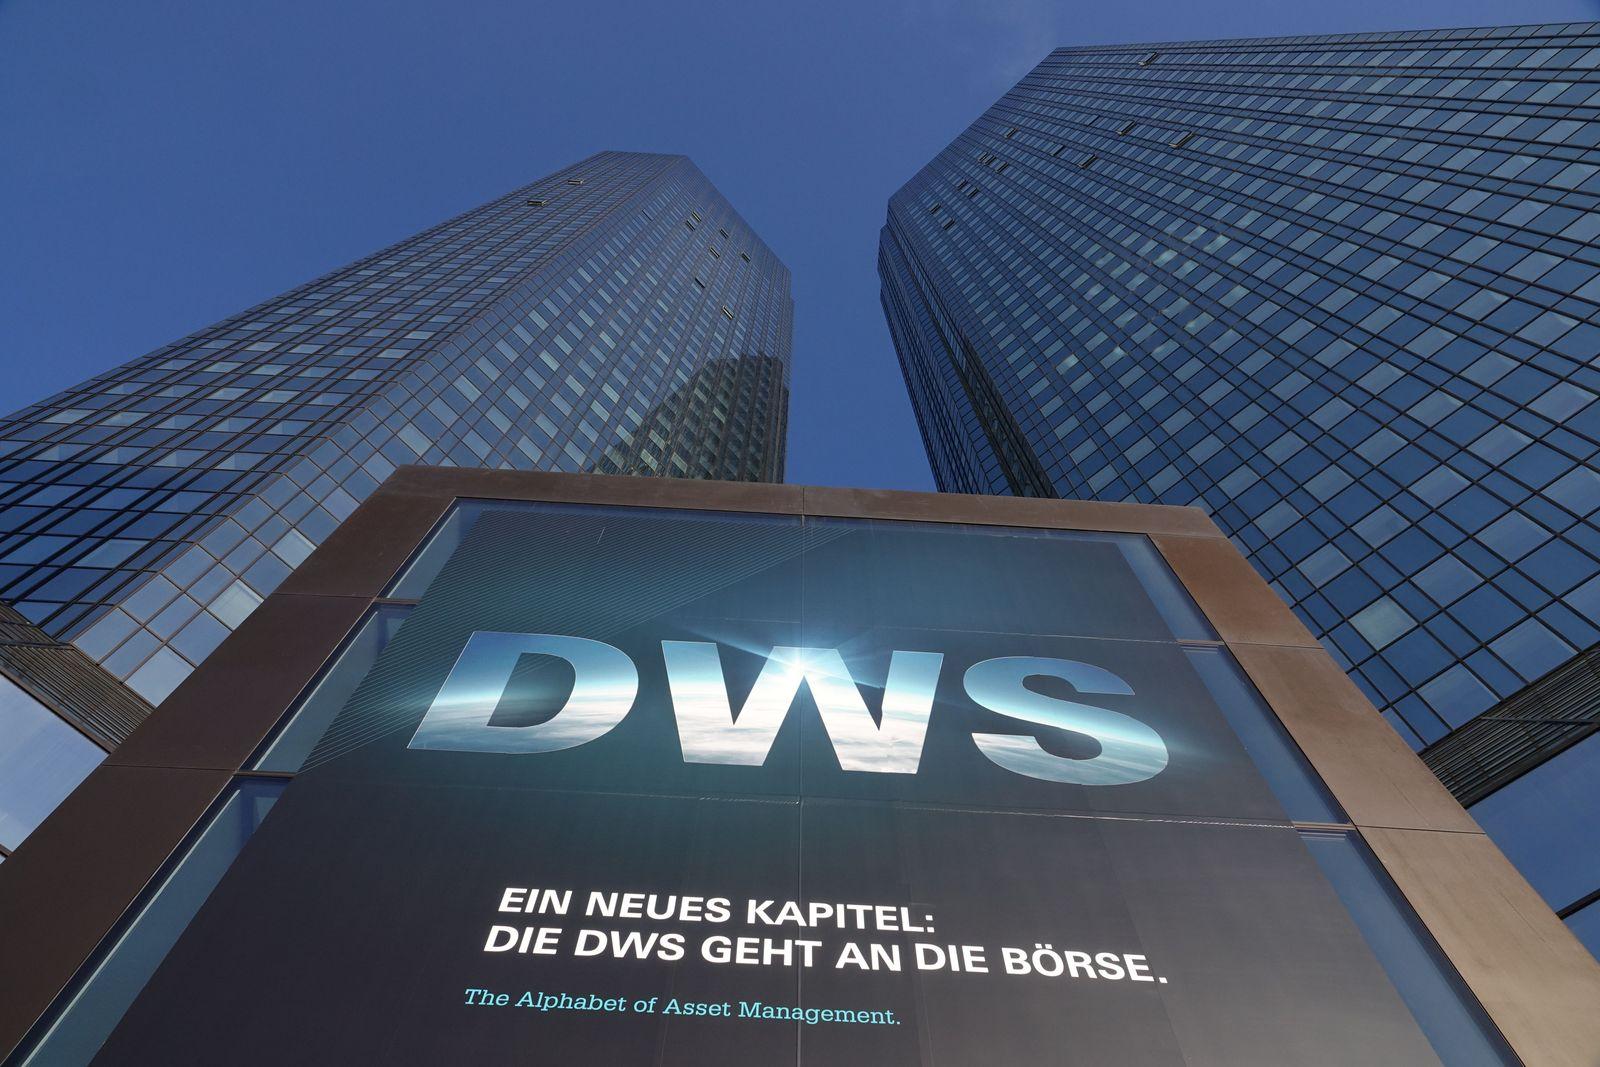 Deutsche Bank / DWS